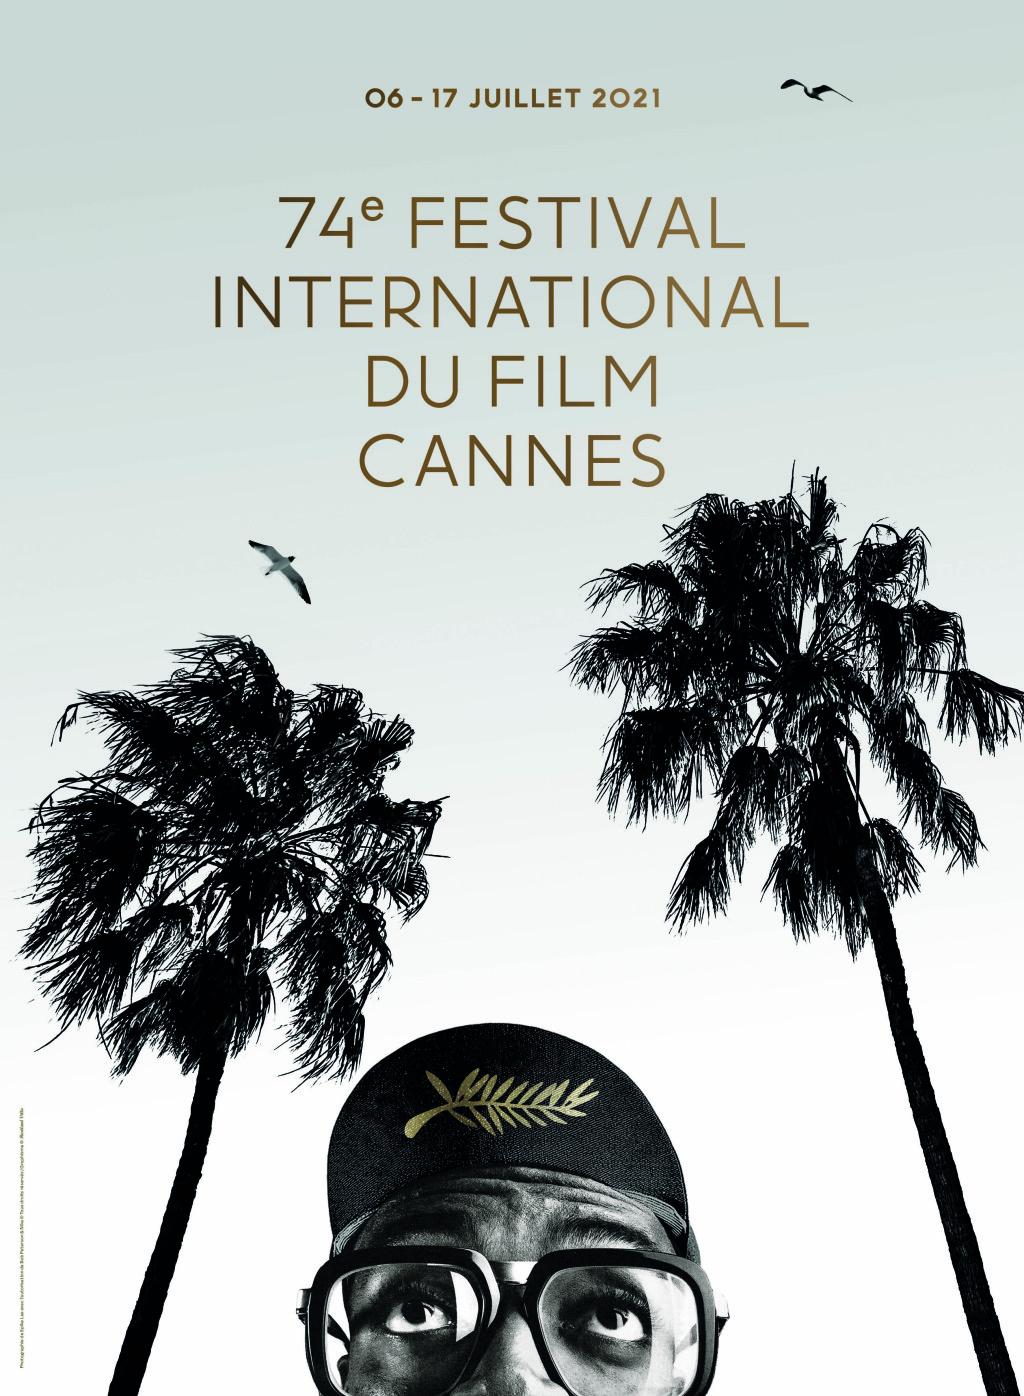 Η αφίσα του 74ου Φεστιβάλ Καννών με τον Σπάικ Λι